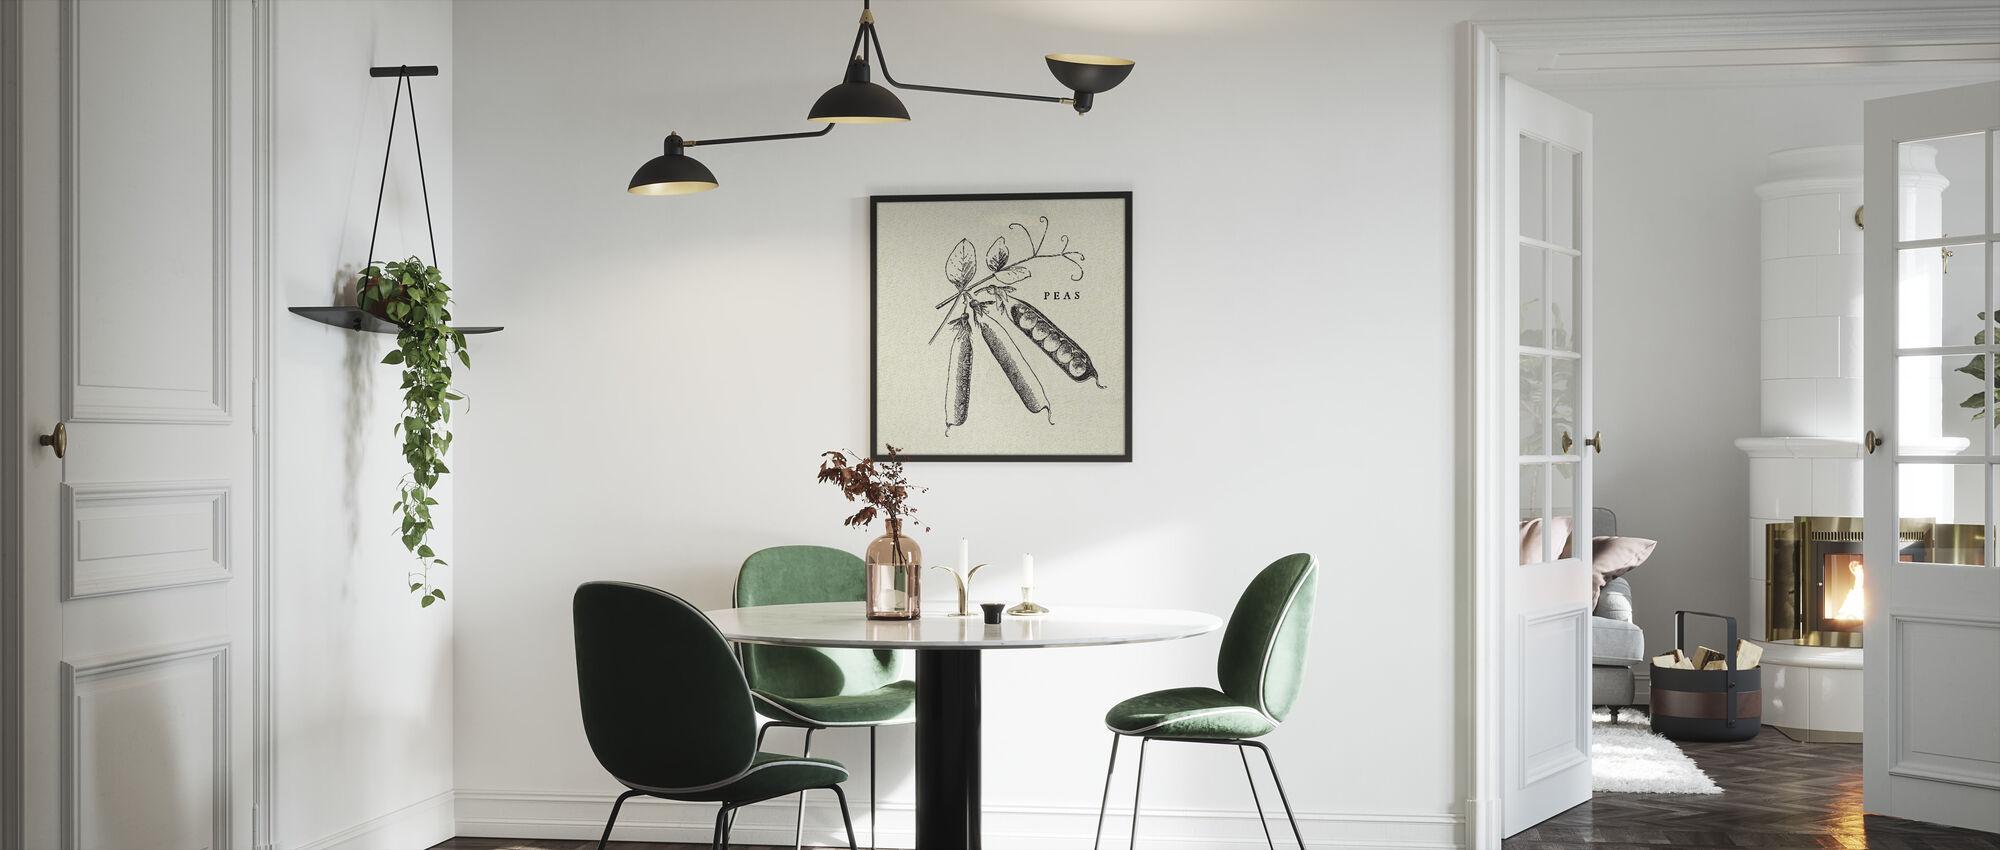 Kök Illustration - Ärter - Inramad tavla - Kök